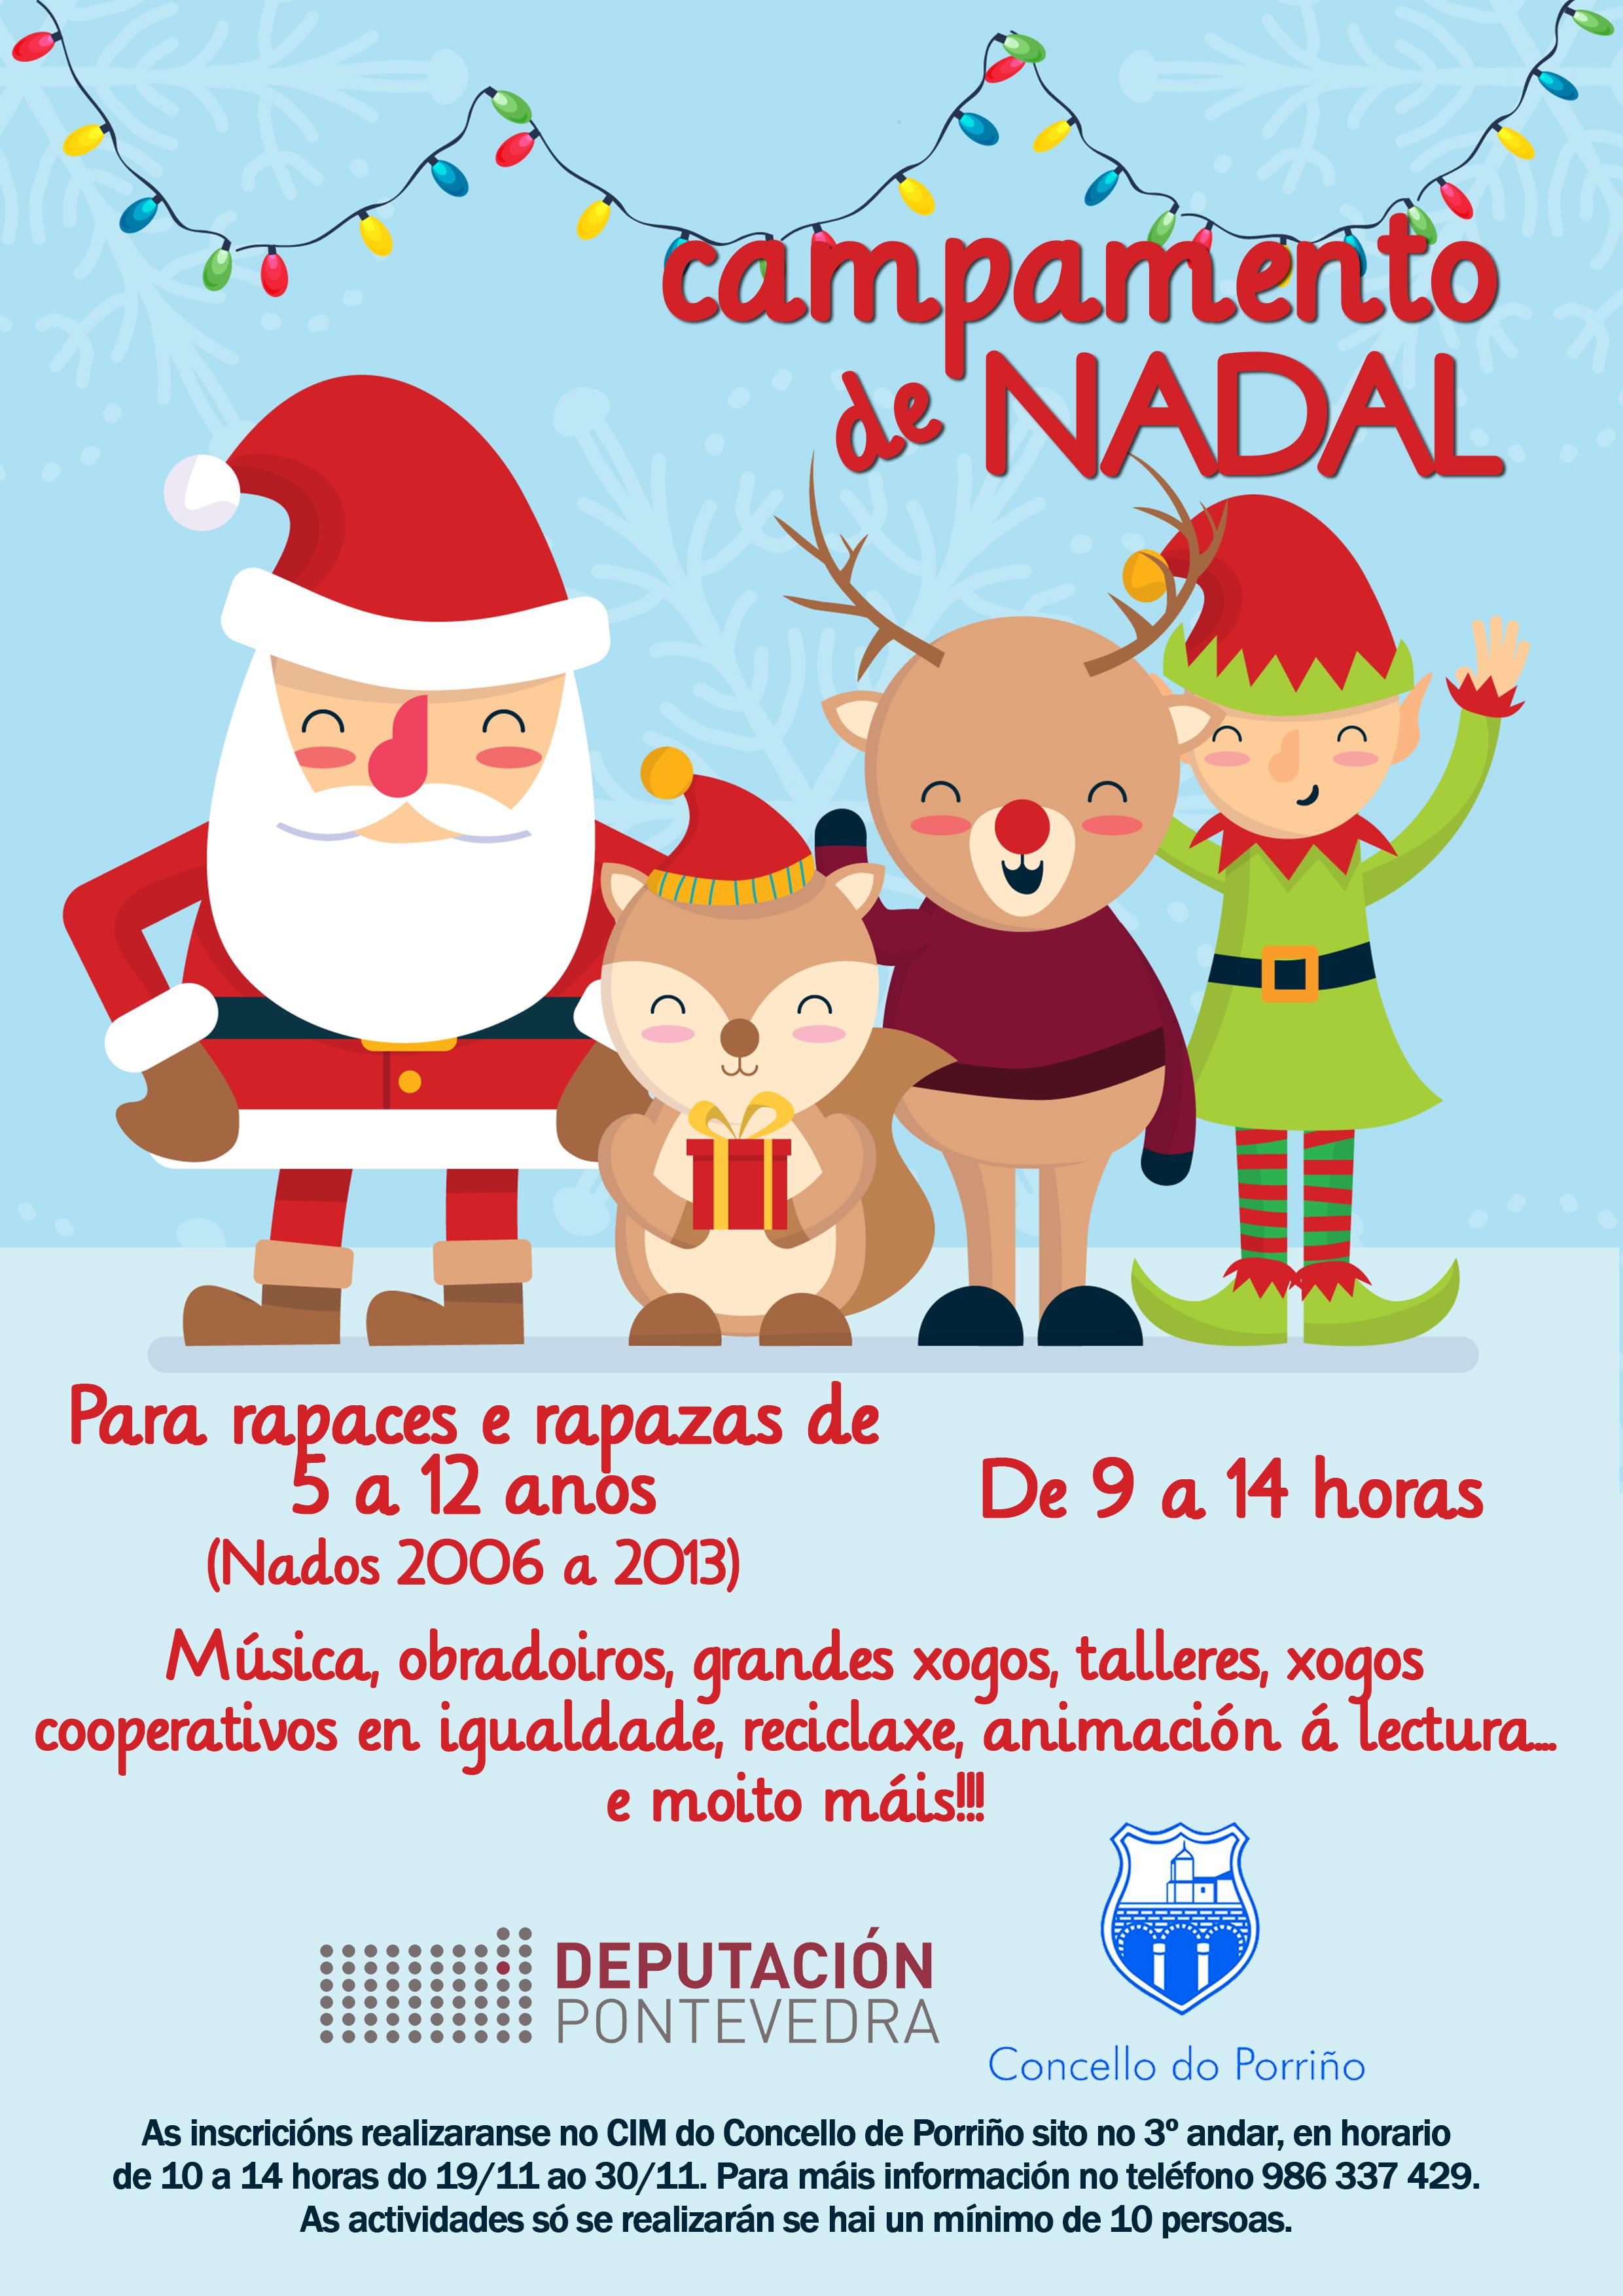 O vindeiro luns, día 19, ábrese o prazo para inscribirse no 'Campamento de Nadal' do Concello, financiado pola Deputación de Pontevedra, para rapazas e rapaces de 5 a 12 anos de idade